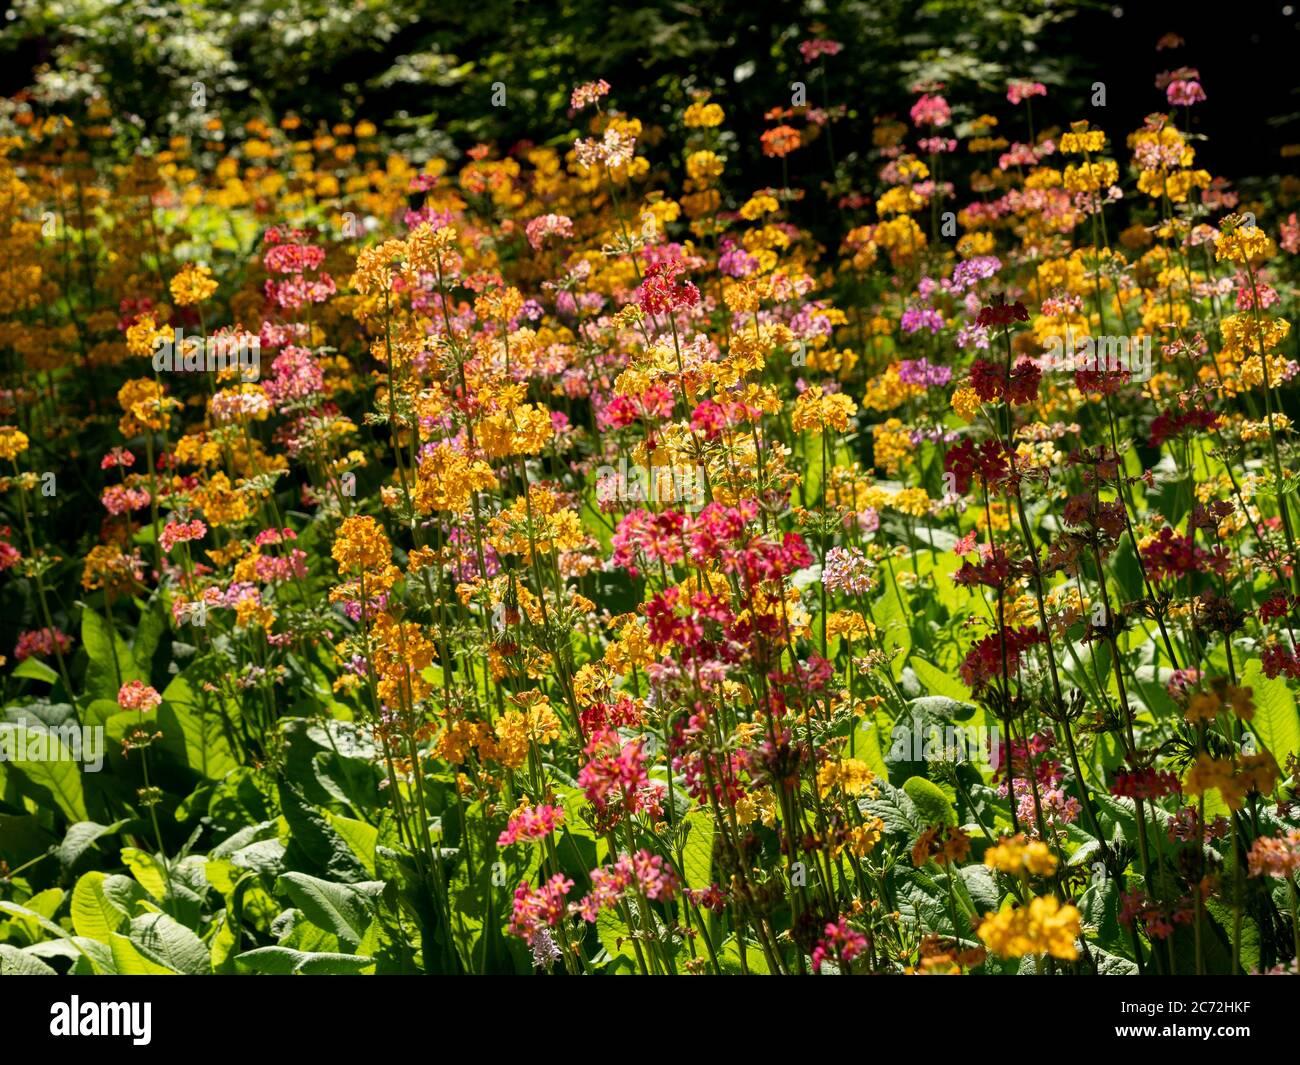 Candelabra Primula retroilluminata che cresce in un giardino. Foto Stock